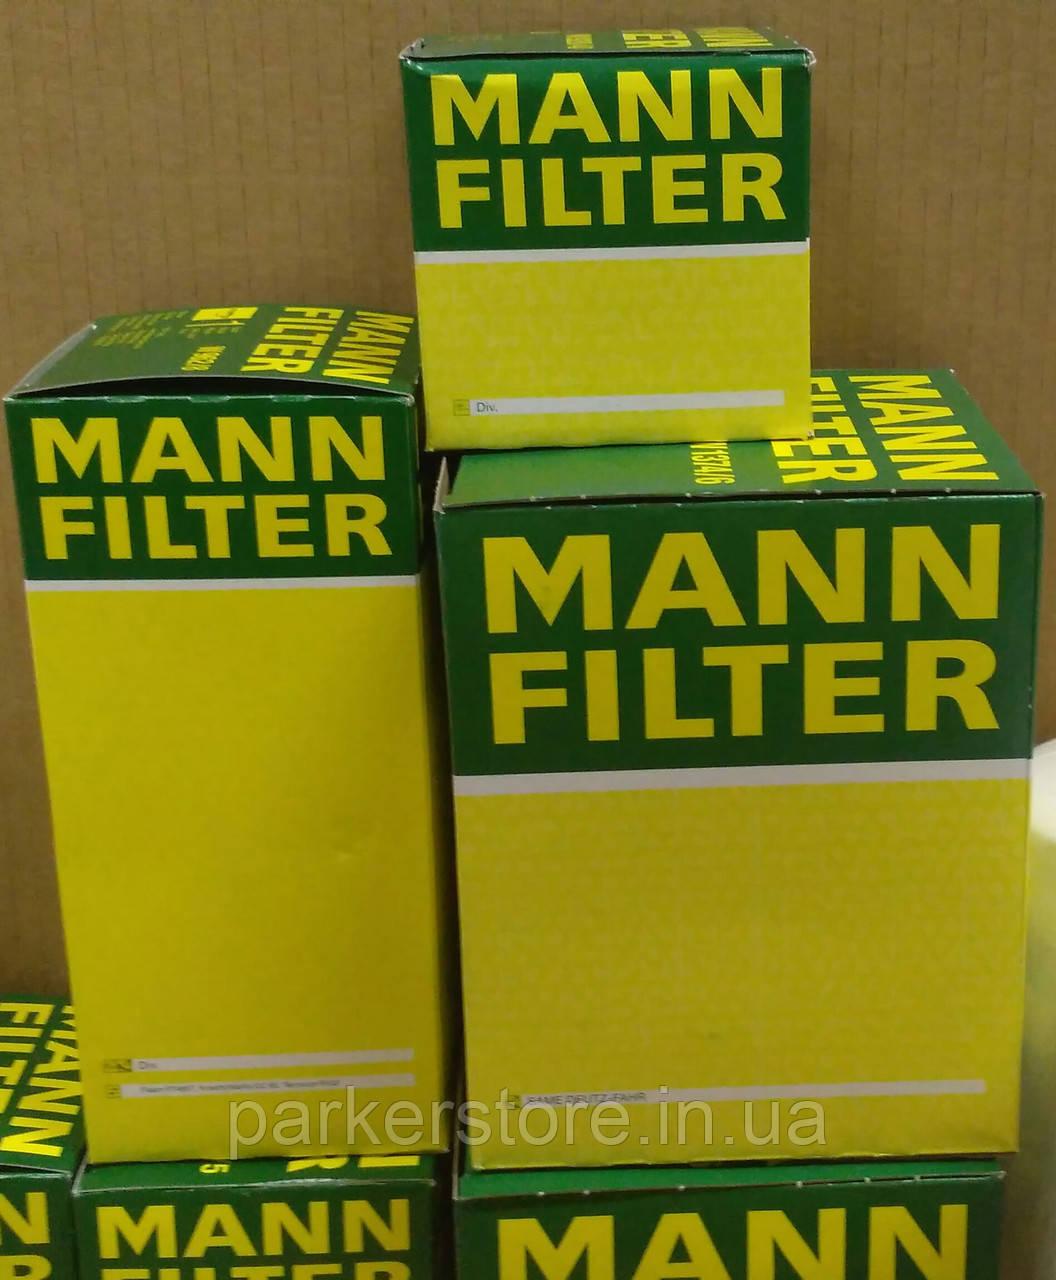 MANN FILTER / Воздушный фильтр / C 30 850/2 / C30850/2